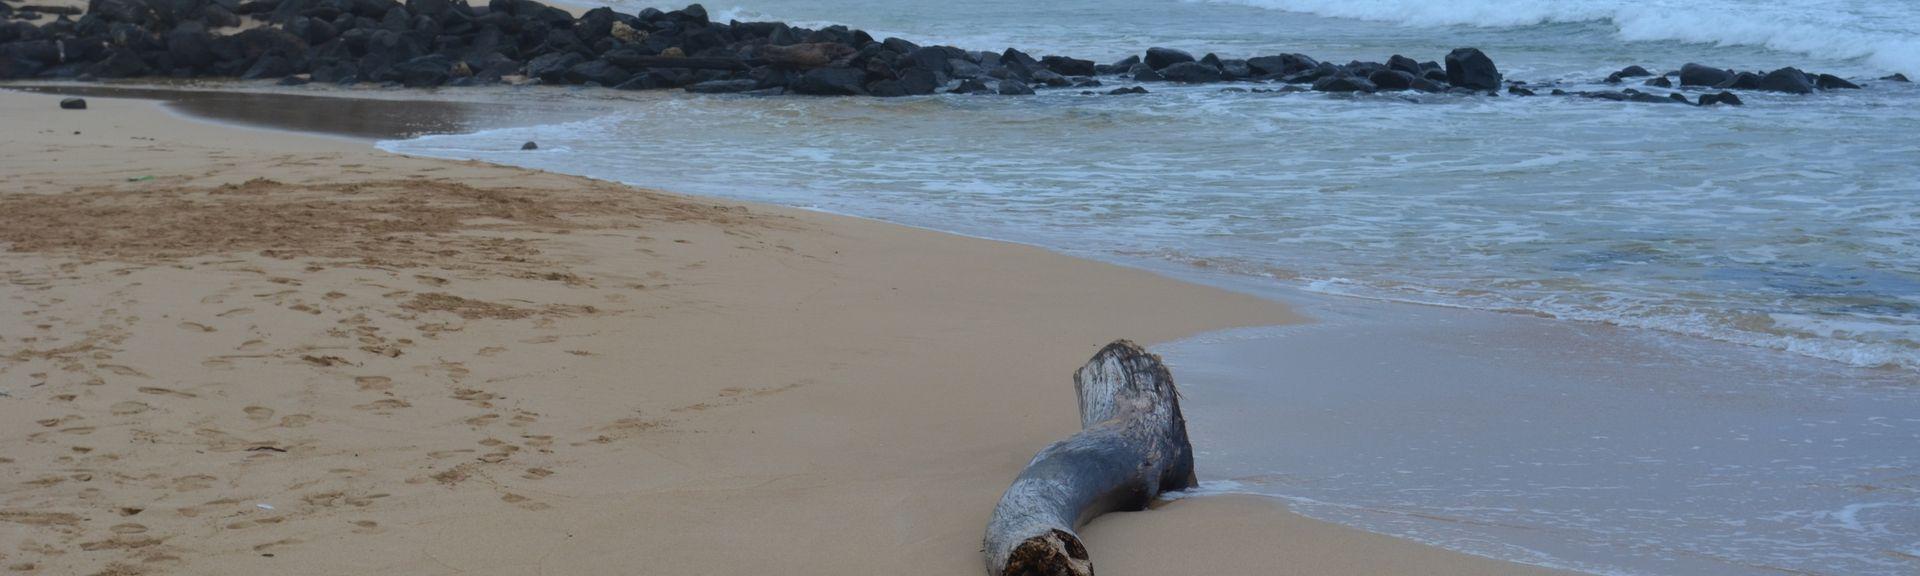 Kauai Beach Resort, Lihue, HI, USA